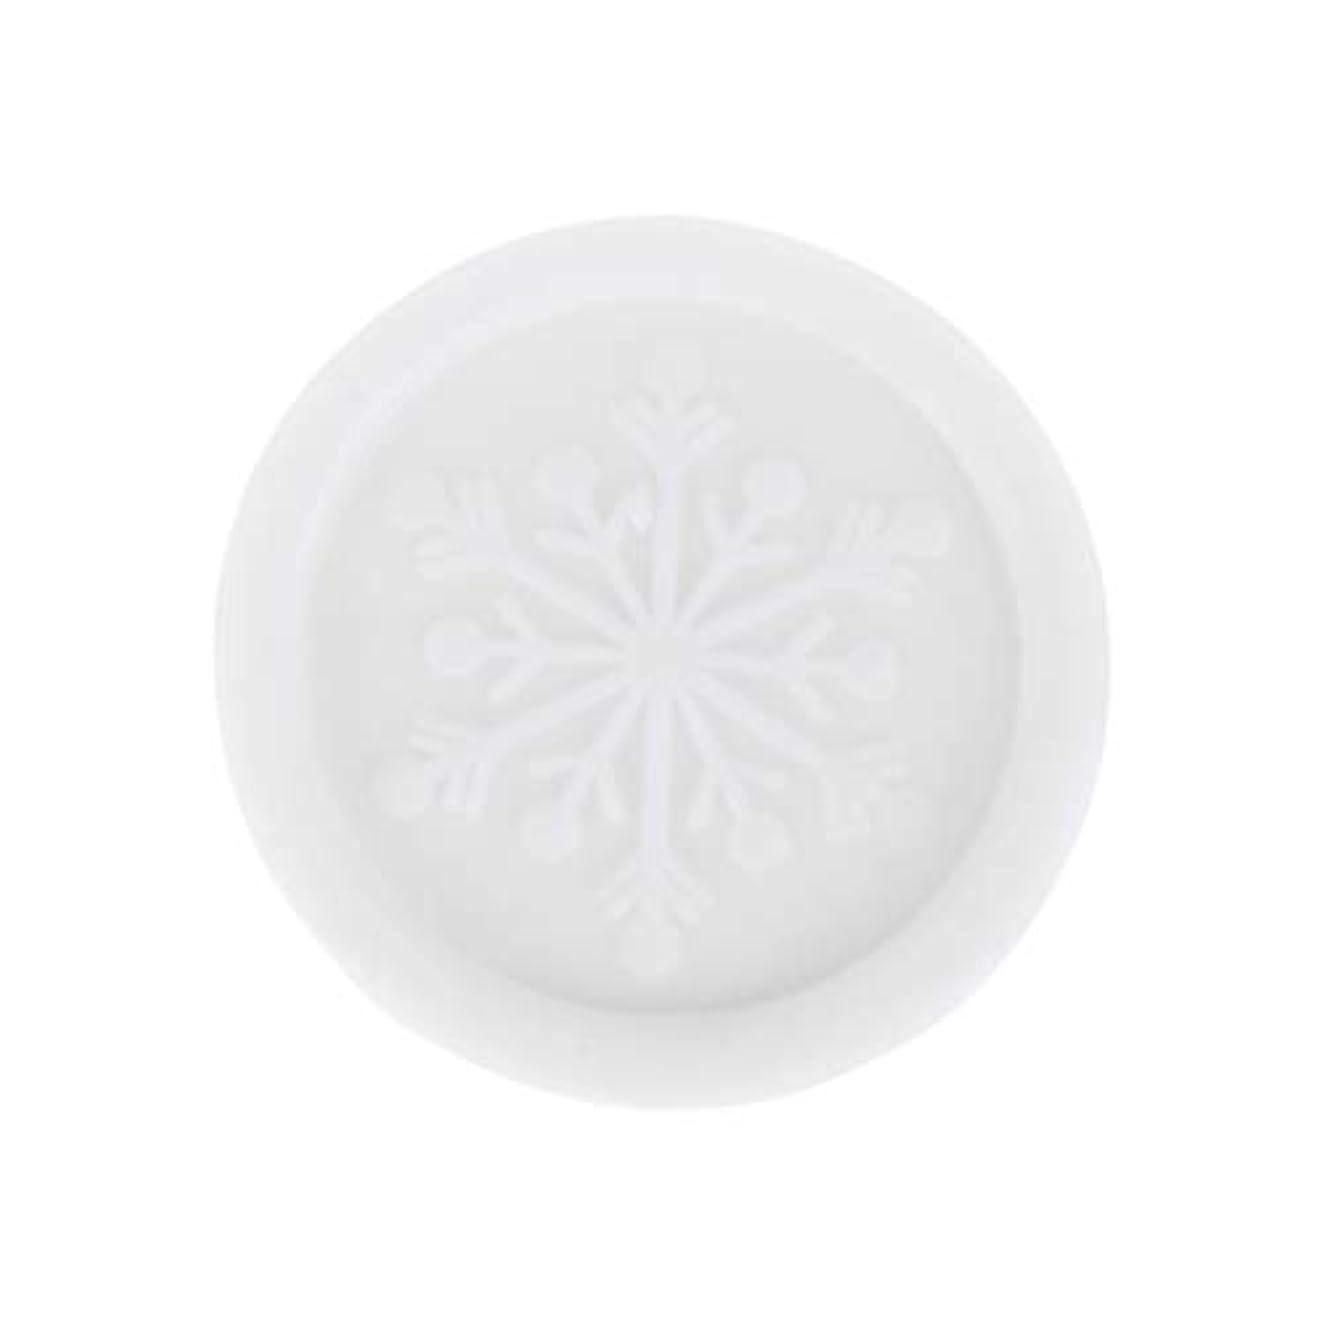 称賛ただもしLurrose 1ピース手作り石鹸スノーフレークパターンミニポータブルフェイスクリーナークリスマスギフトクレンジング石鹸用女性レディーガールズ